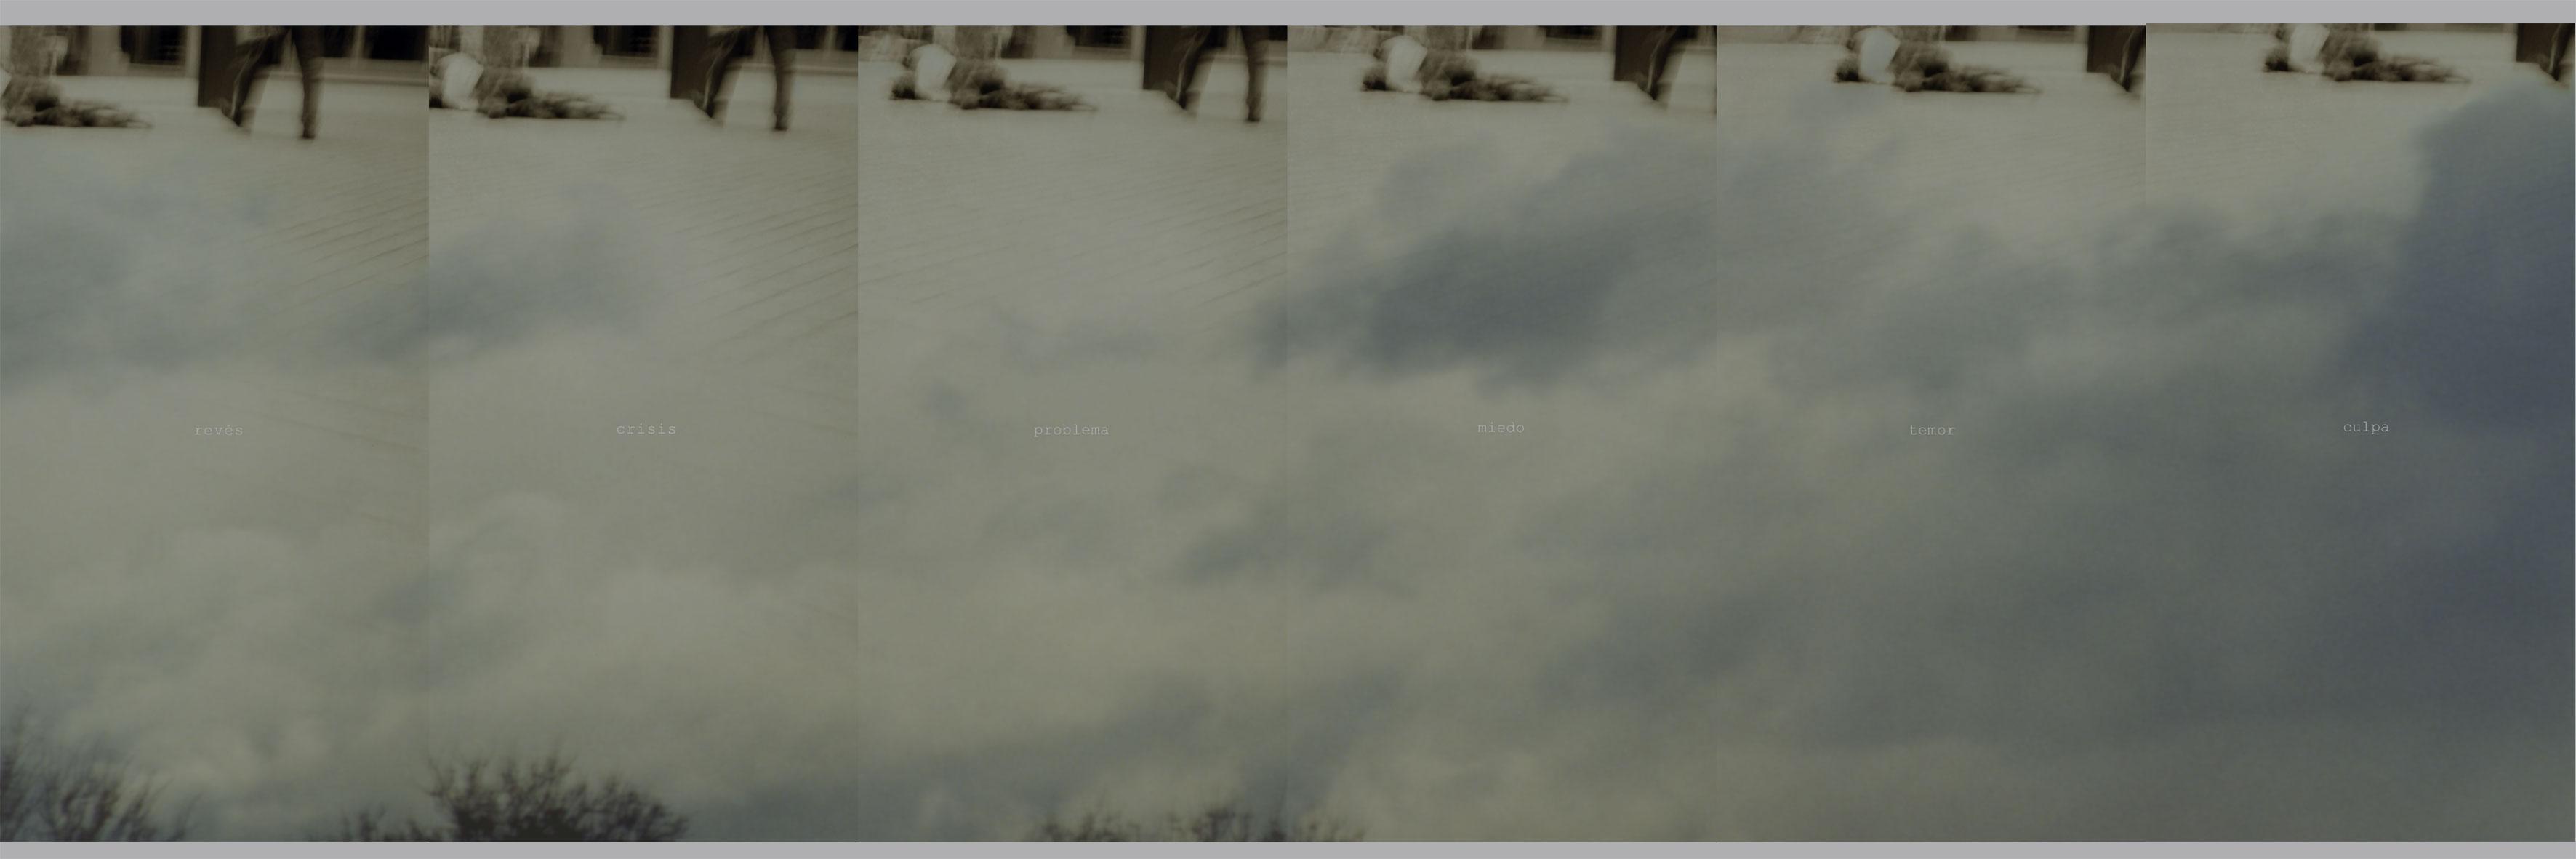 Anto Rabzas El Punto ciego/The waste city. 2006 Pieza 1: _revés_crisis_problema_miedo_temor_culpa_ Impresión digital zun-uvi sobre aluminio + blanco6 unidades de 200 x 100 conformando un políptico de 600 x 200 cm. montadas sobre estructura de tubo de acero de 60 x 60 a 12 cm,del suelo